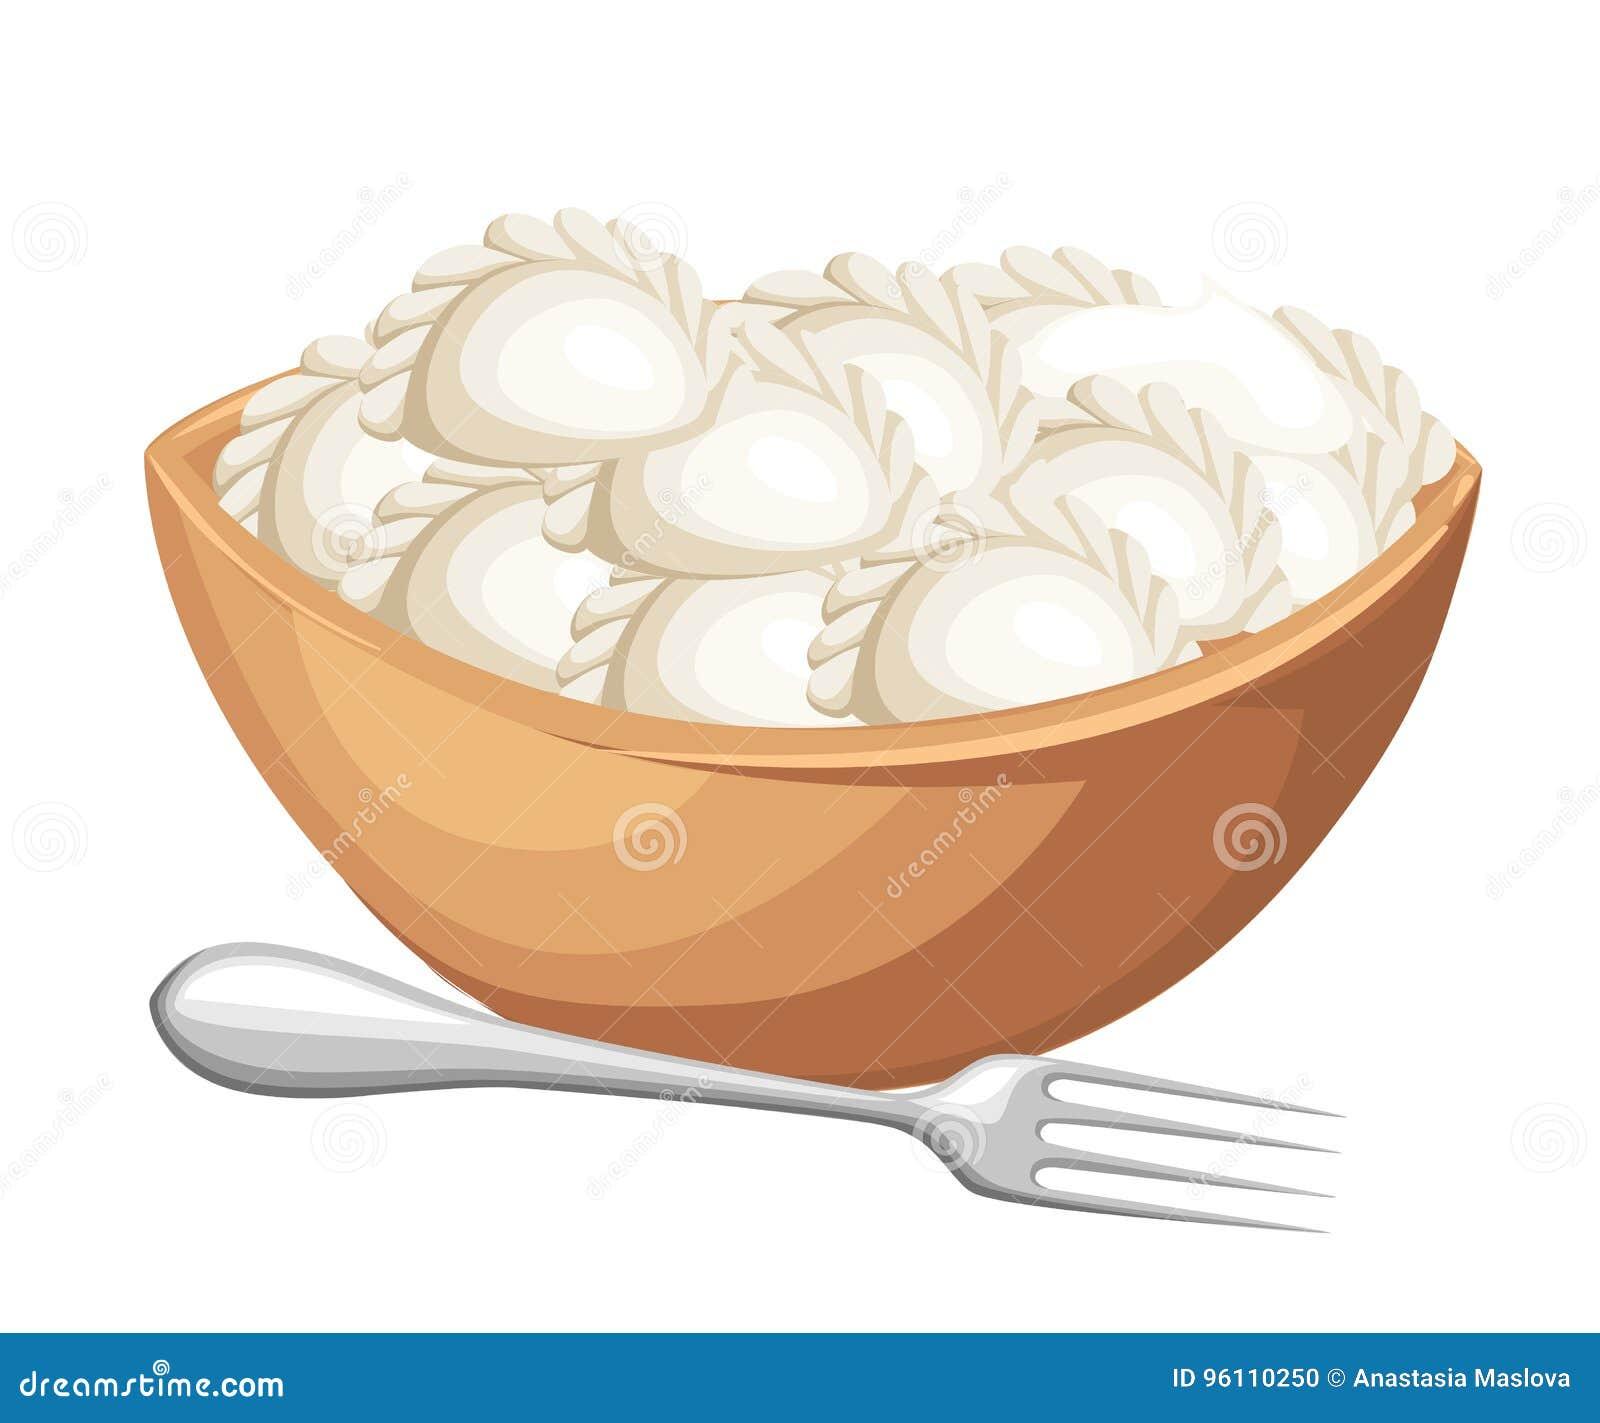 Vareniki Pelmeni Boulettes de viande Nourriture Aneth, persil, poivre noir, feuille de laurier cuisine Plats nationaux dîner Prod